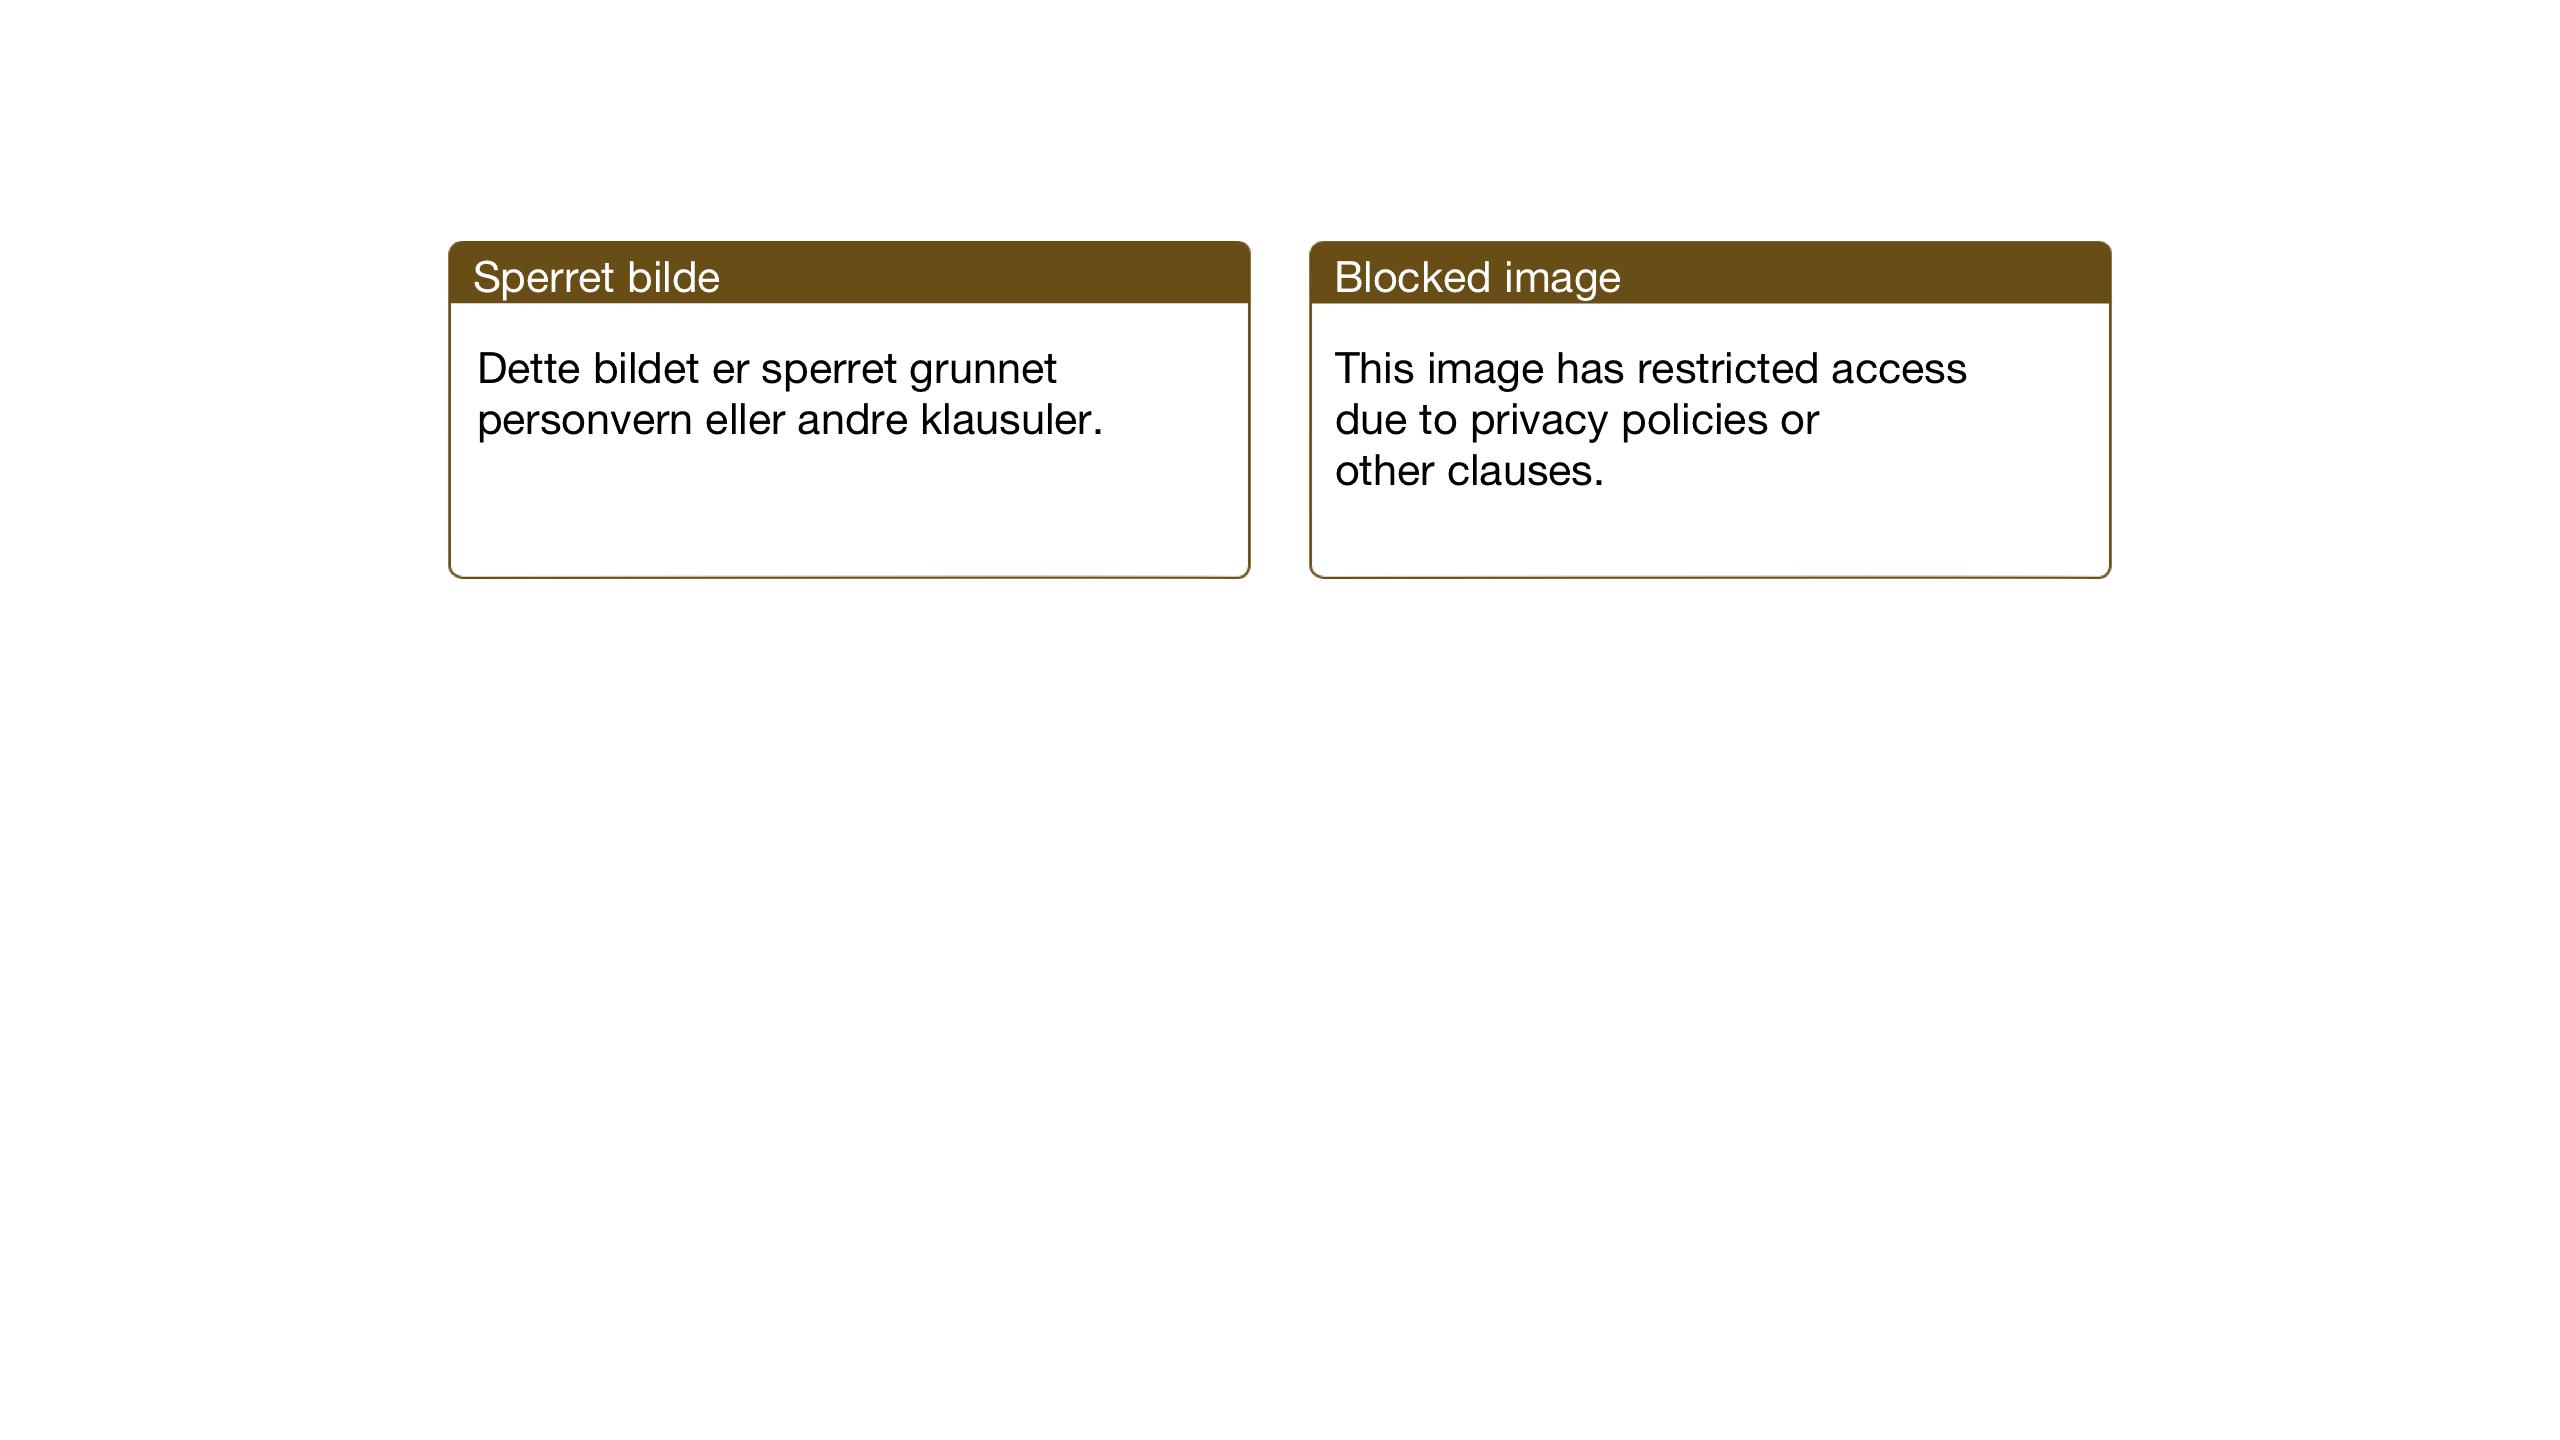 SAT, Ministerialprotokoller, klokkerbøker og fødselsregistre - Nord-Trøndelag, 722/L0227: Klokkerbok nr. 722C03, 1928-1958, s. 35